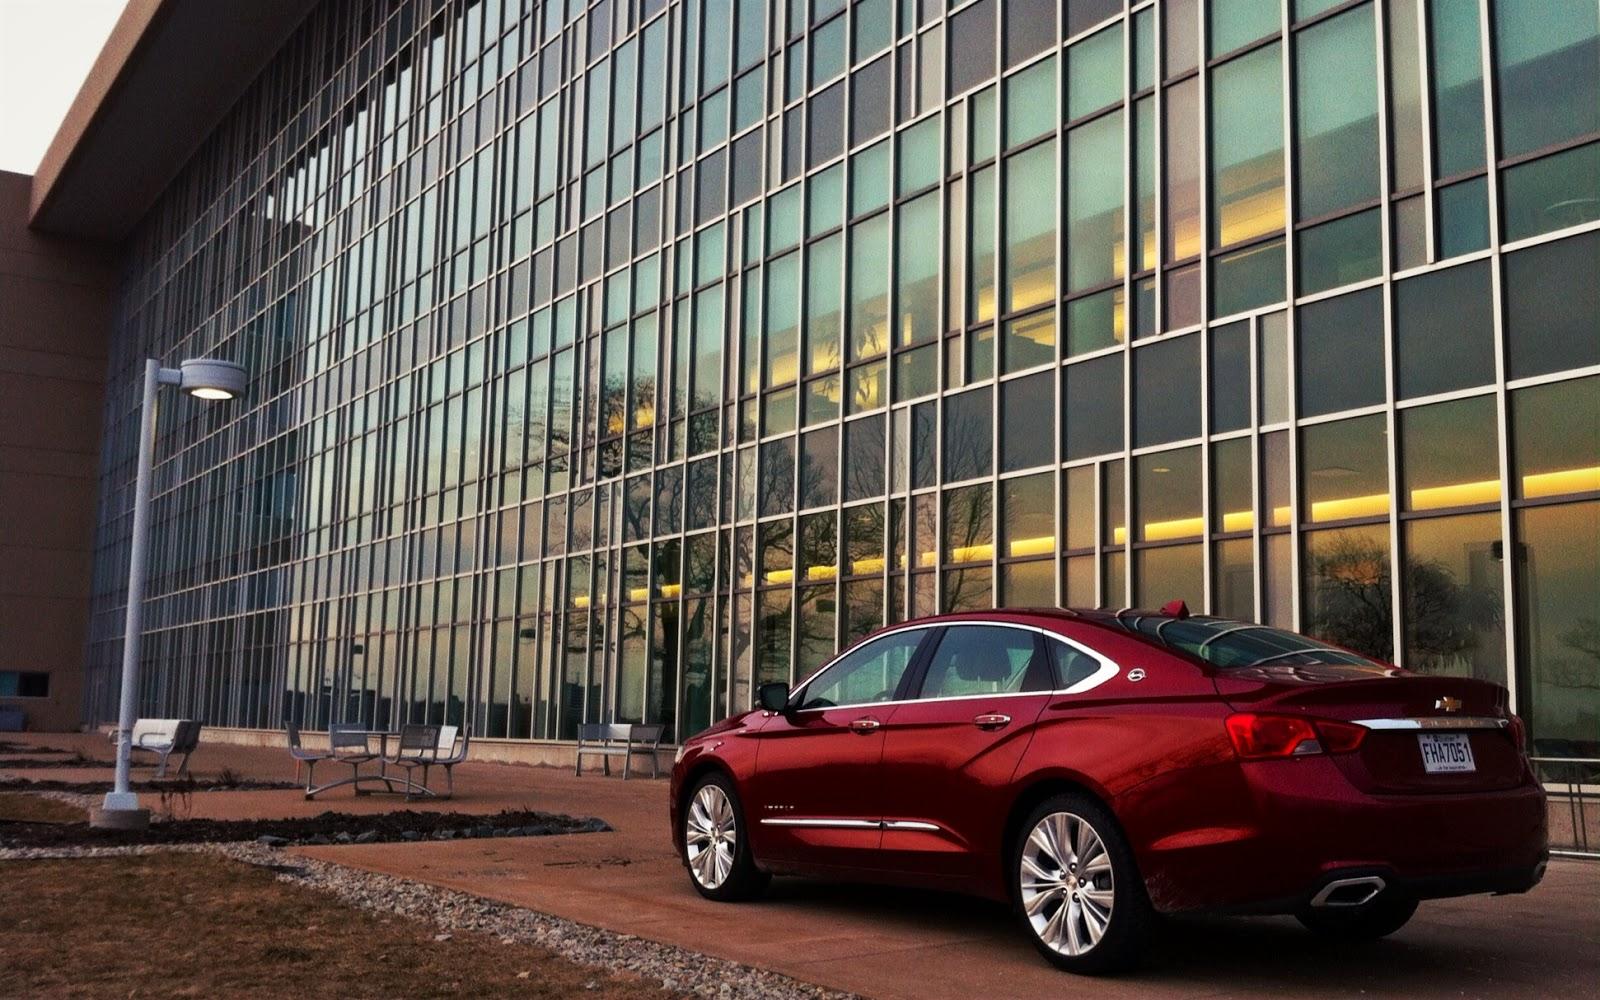 2014 Chevrolet Impala LTZ NSCC Waterfront